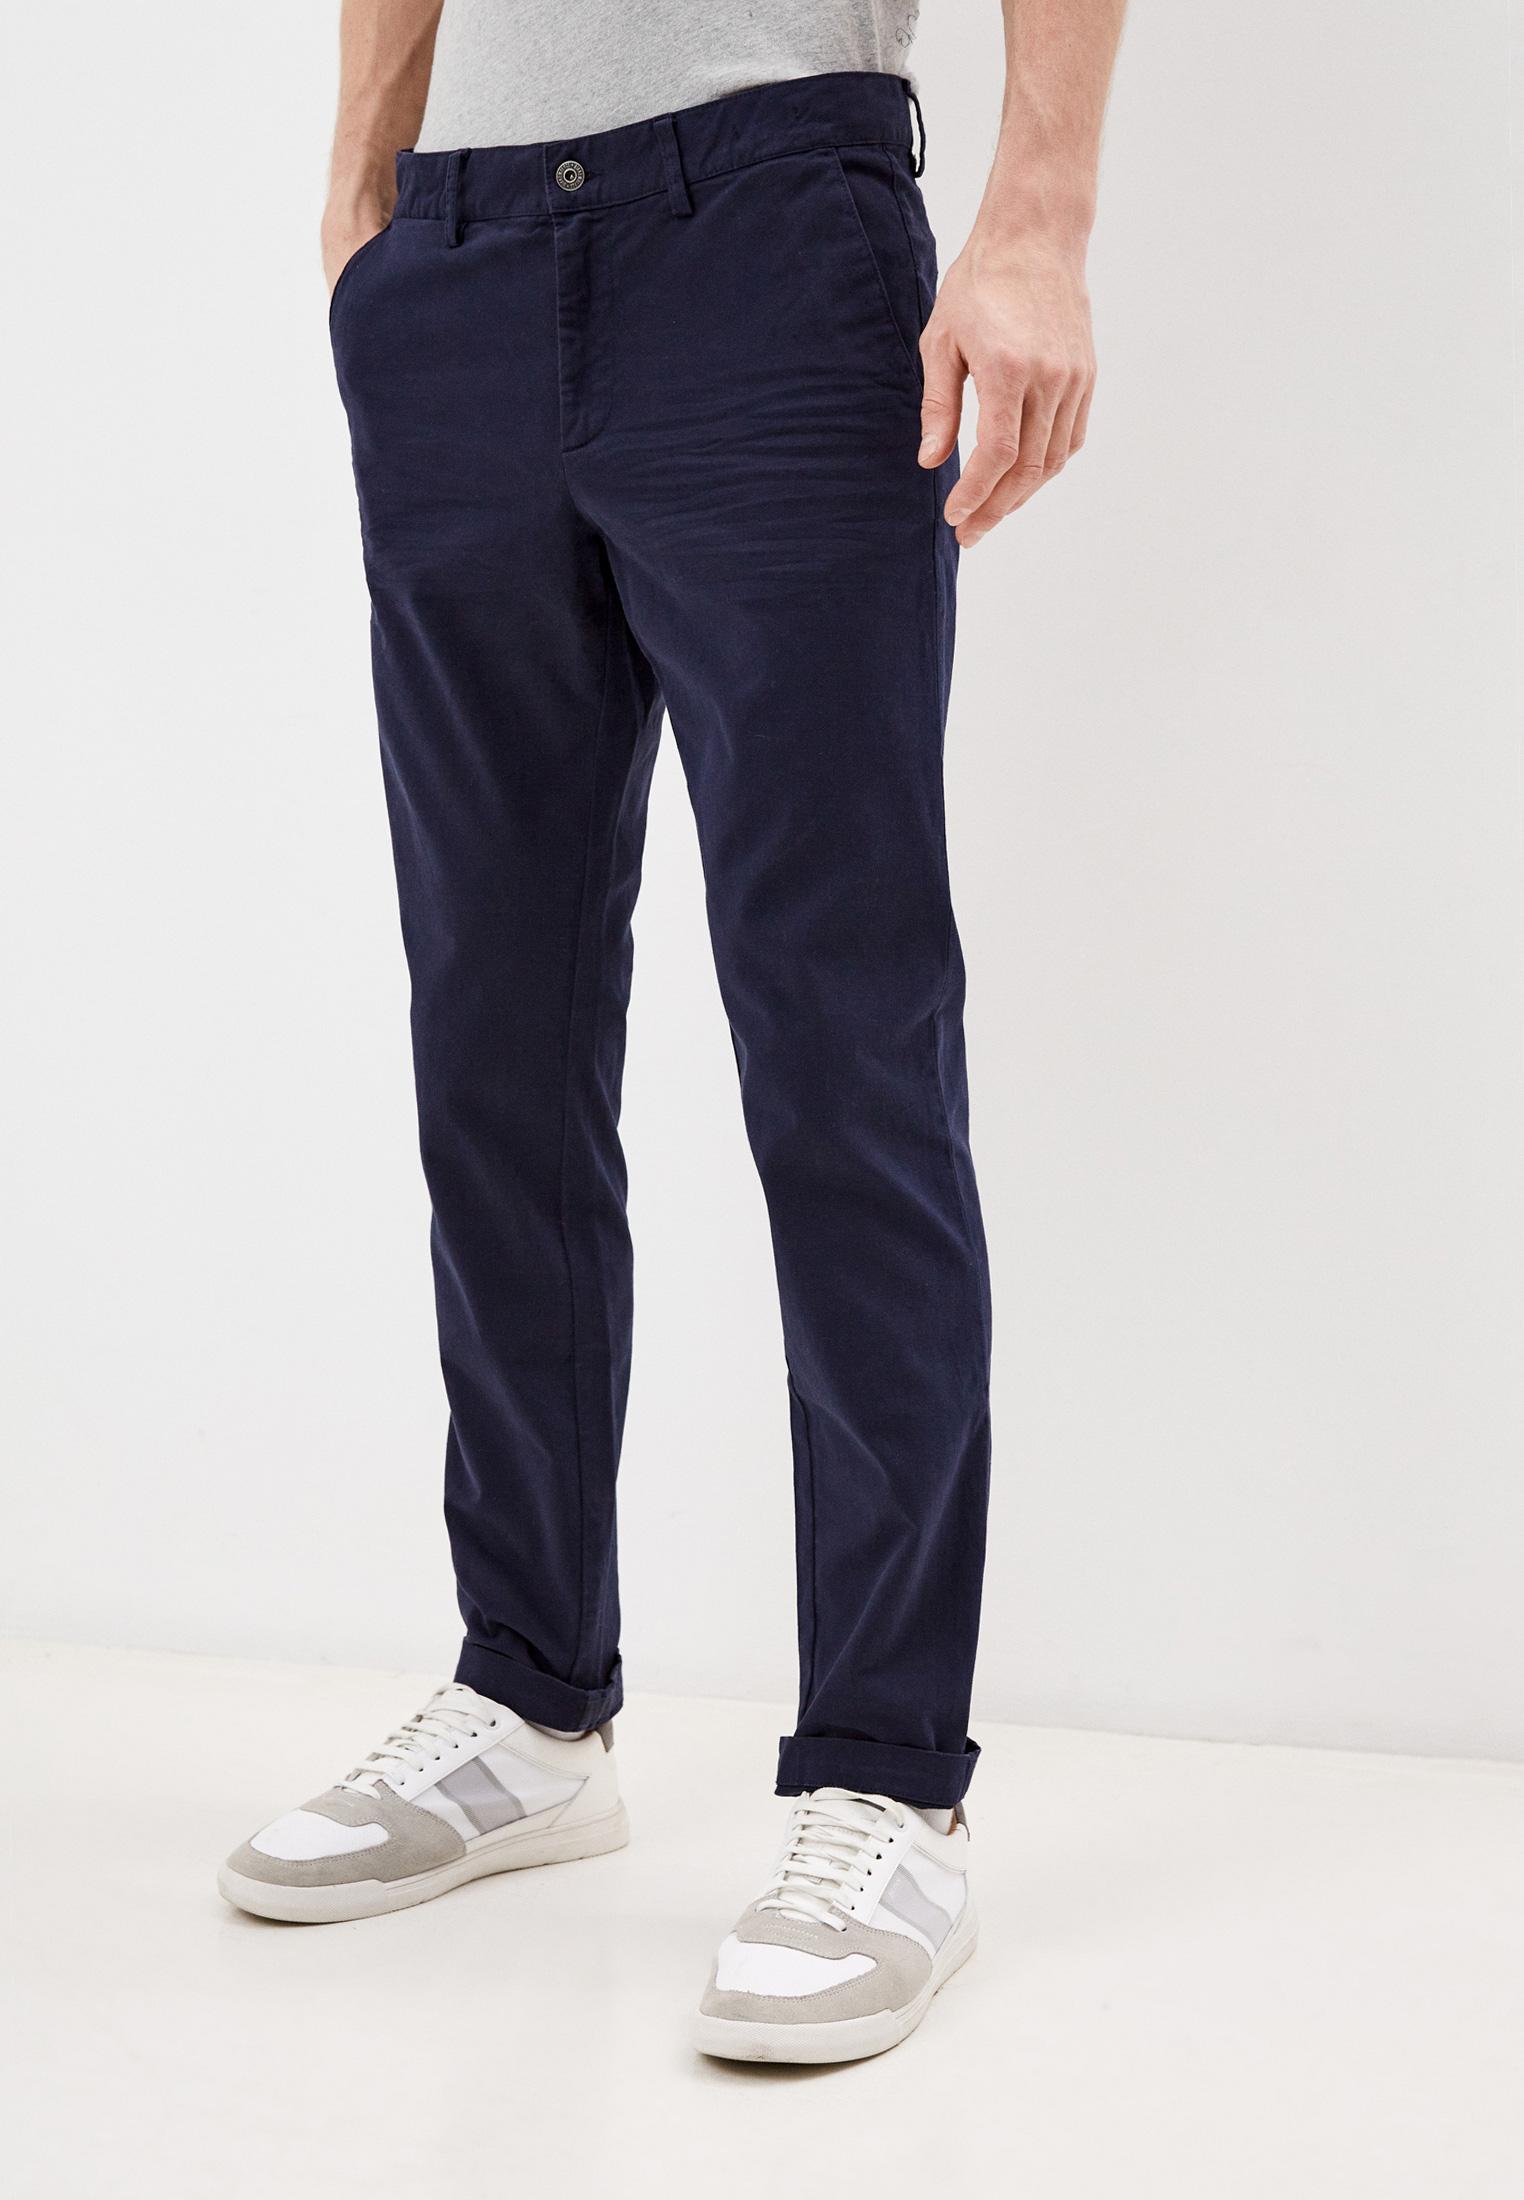 Мужские брюки Bikkembergs (Биккембергс) C P 001 15 S 3279